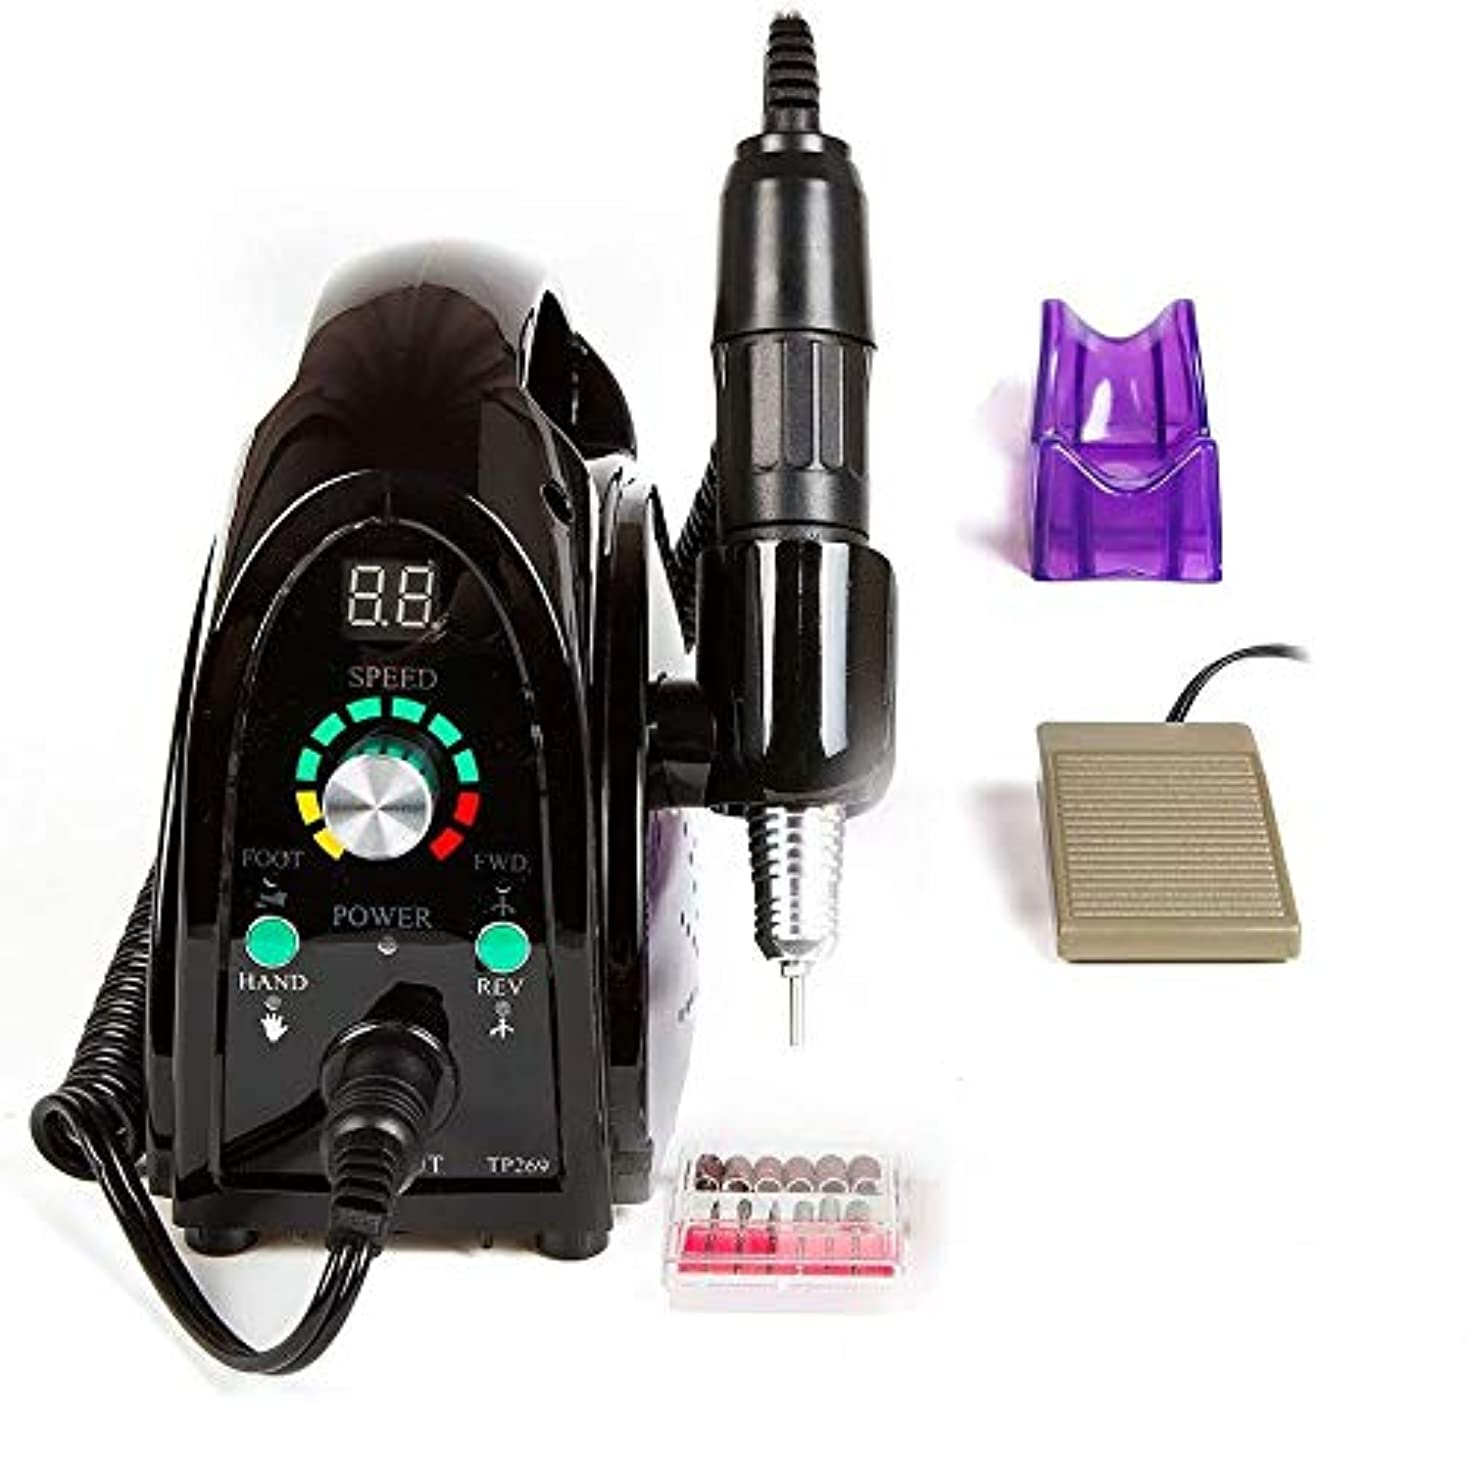 緩やかな温かいレッスンプロフェッショナルネイルドリルキット、6つの研削ヘッドと釘グラインダーマニキュアネイルアートツールのための携帯用電気ネイルドリル35000RPM電気ファイル